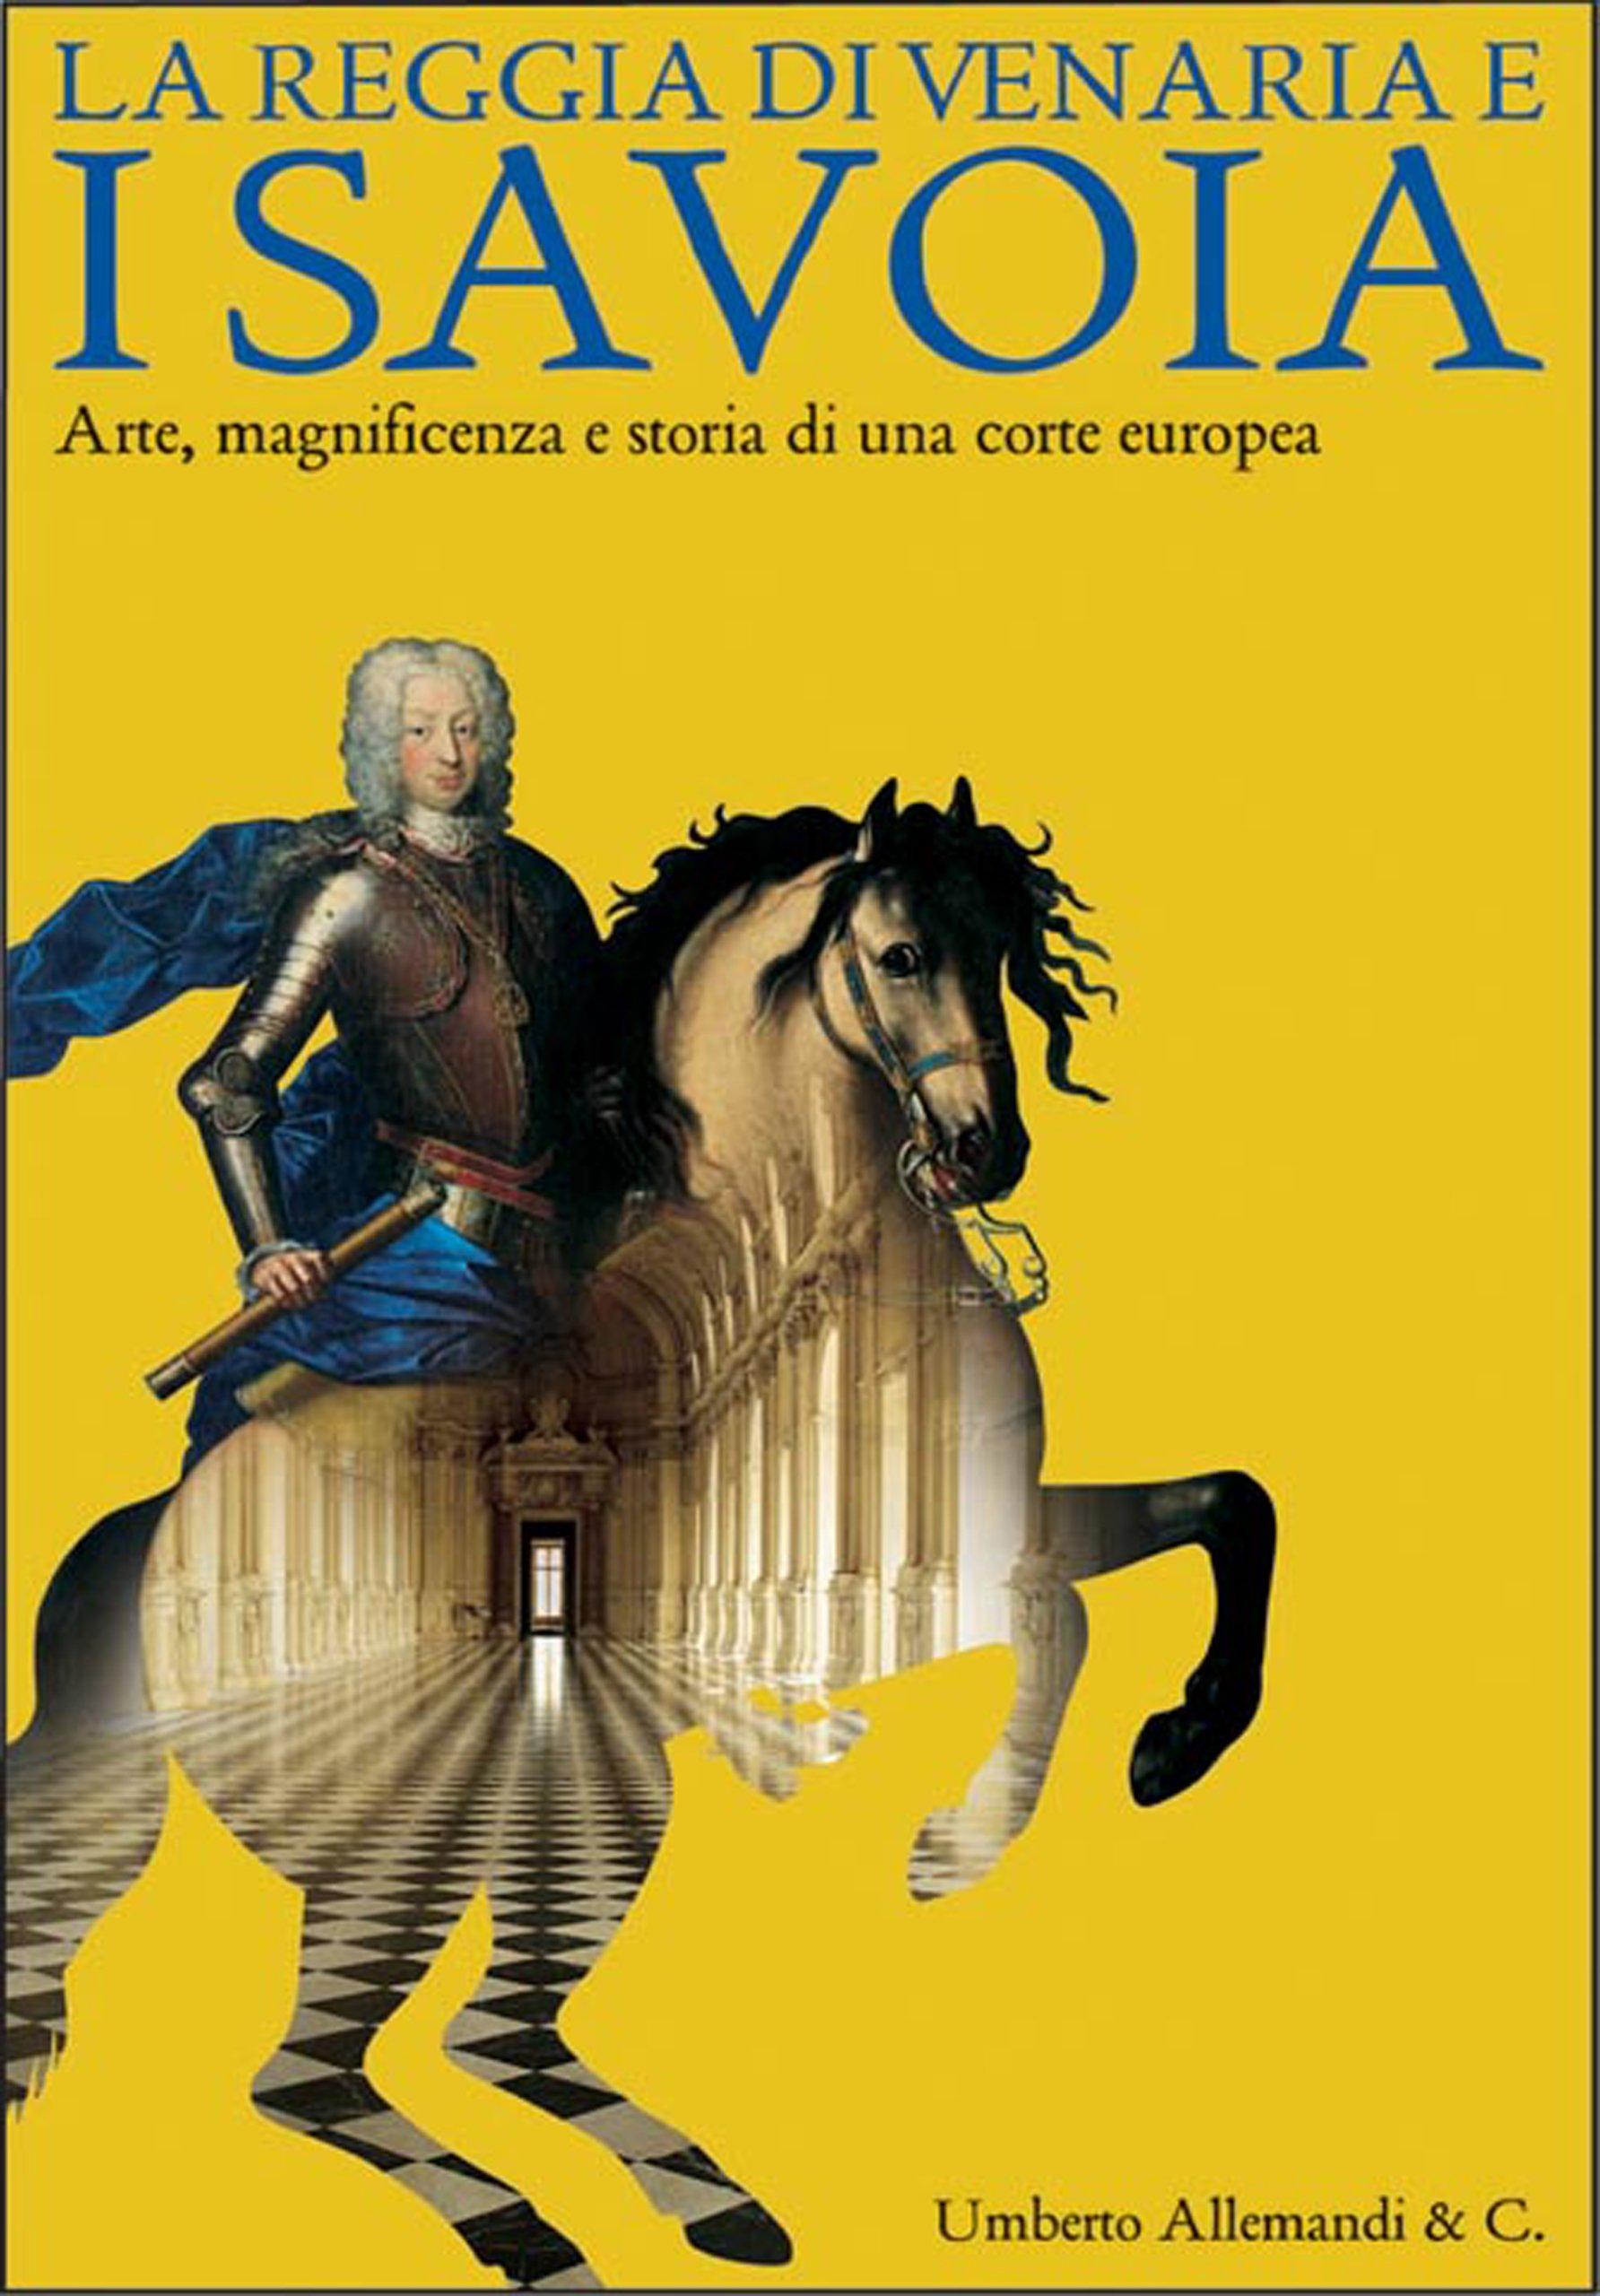 La Reggia di Venaria e i Savoia: Arti, guerre e magnificenza di una corte europea (Italian Edition) pdf